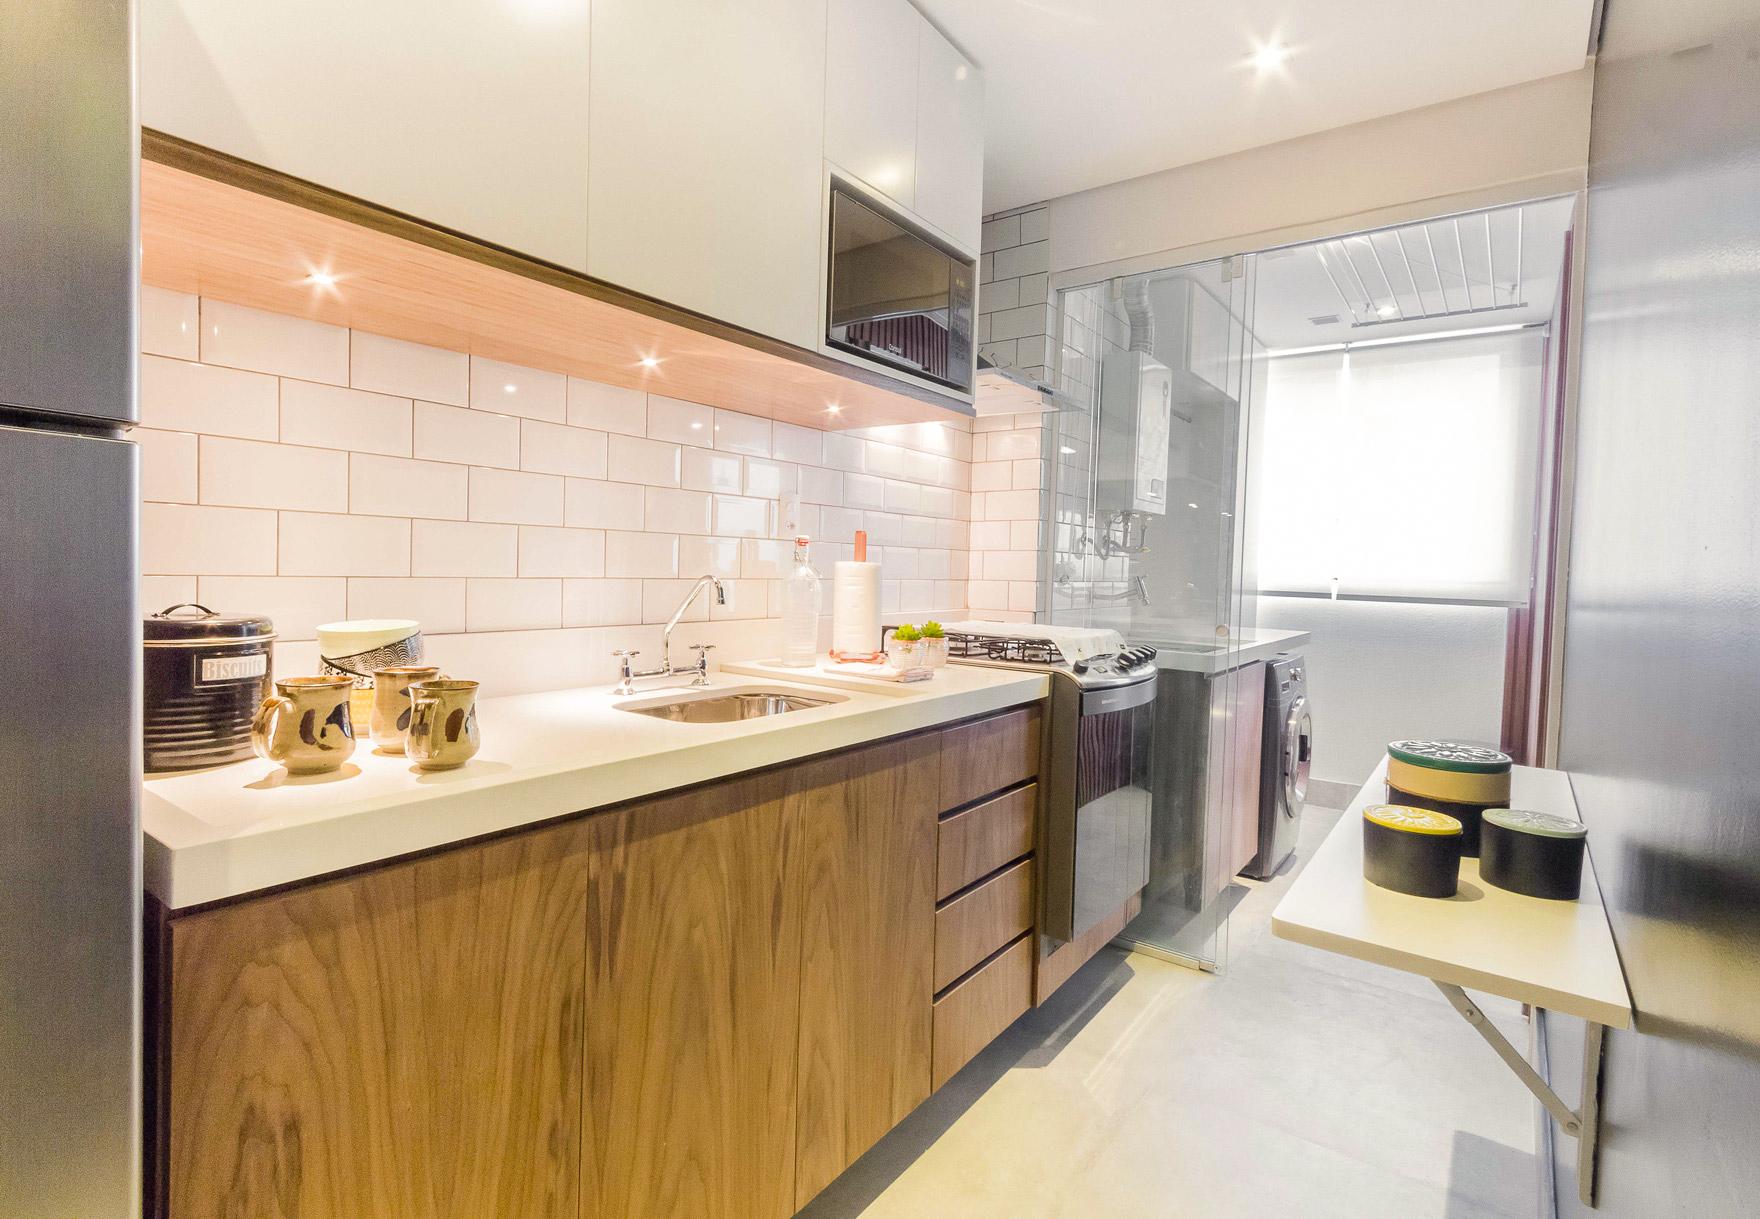 Divisoria Cozinha Americana Cozinha Simples E Economica Imagem